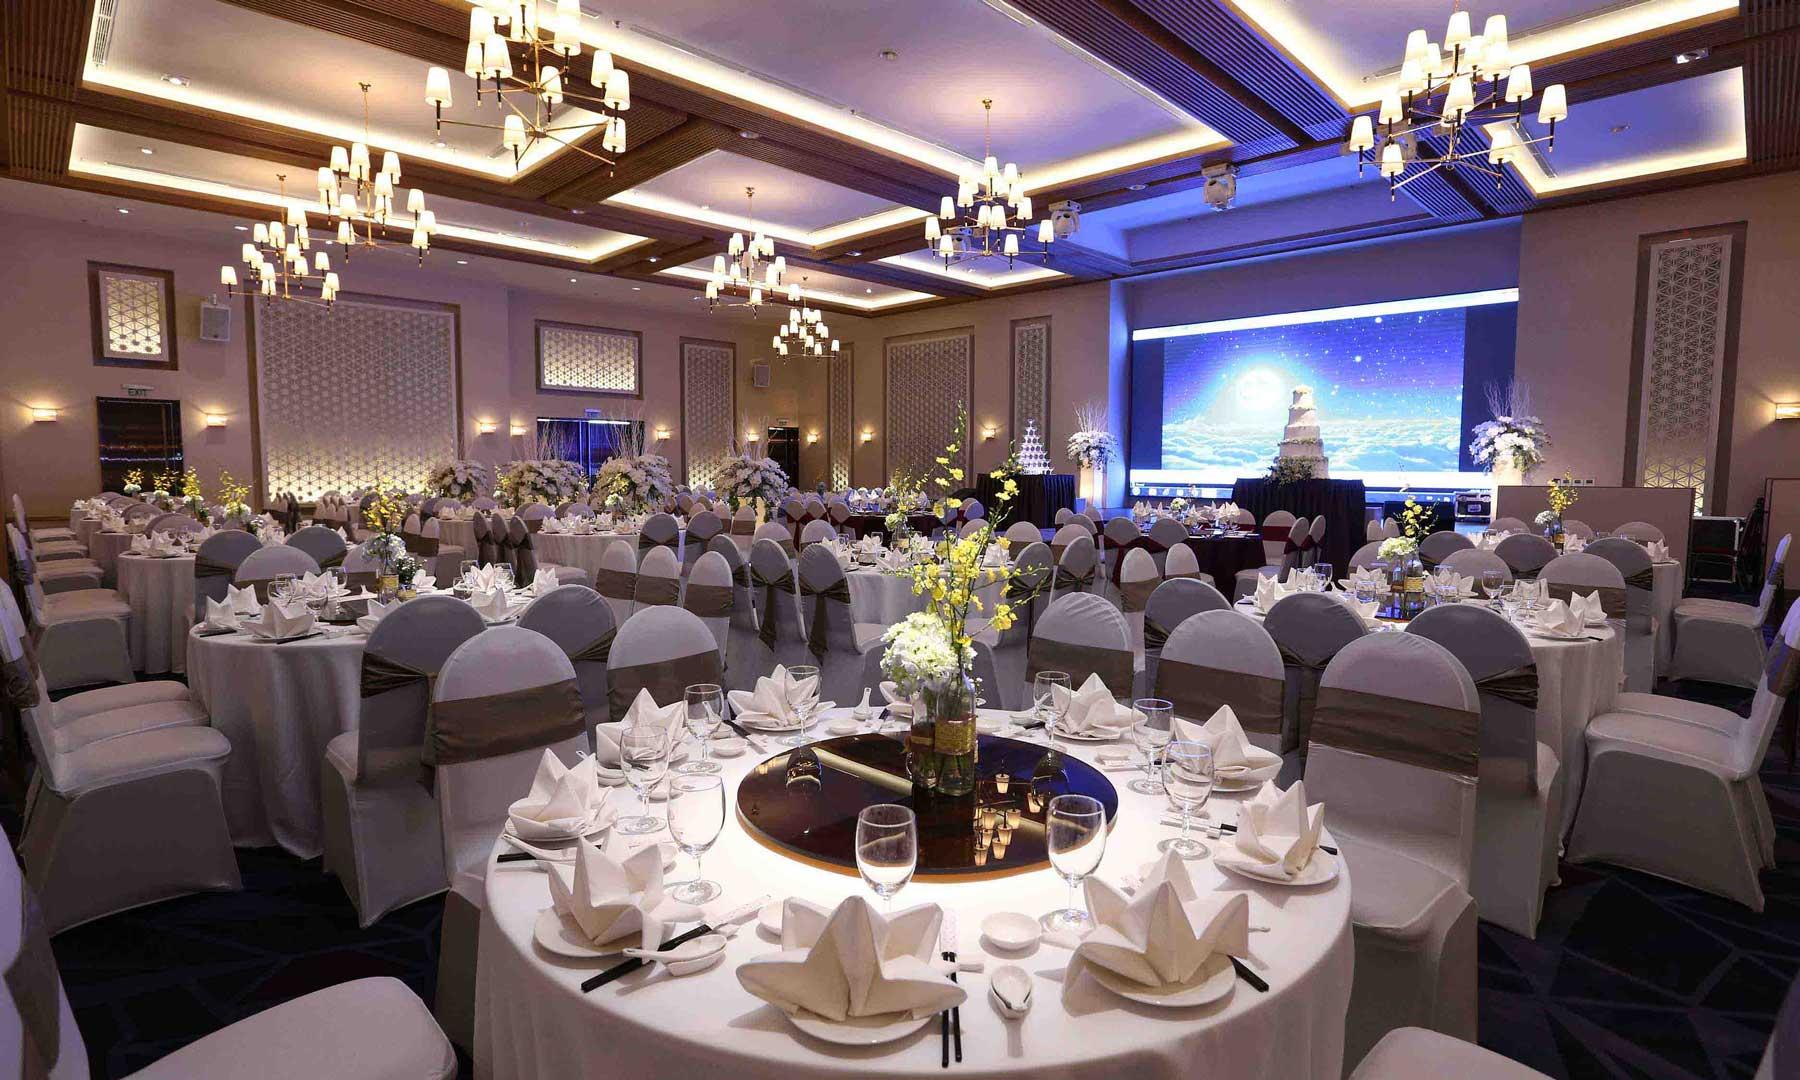 Trung tâm Hội nghị & Tiệc cưới Gala